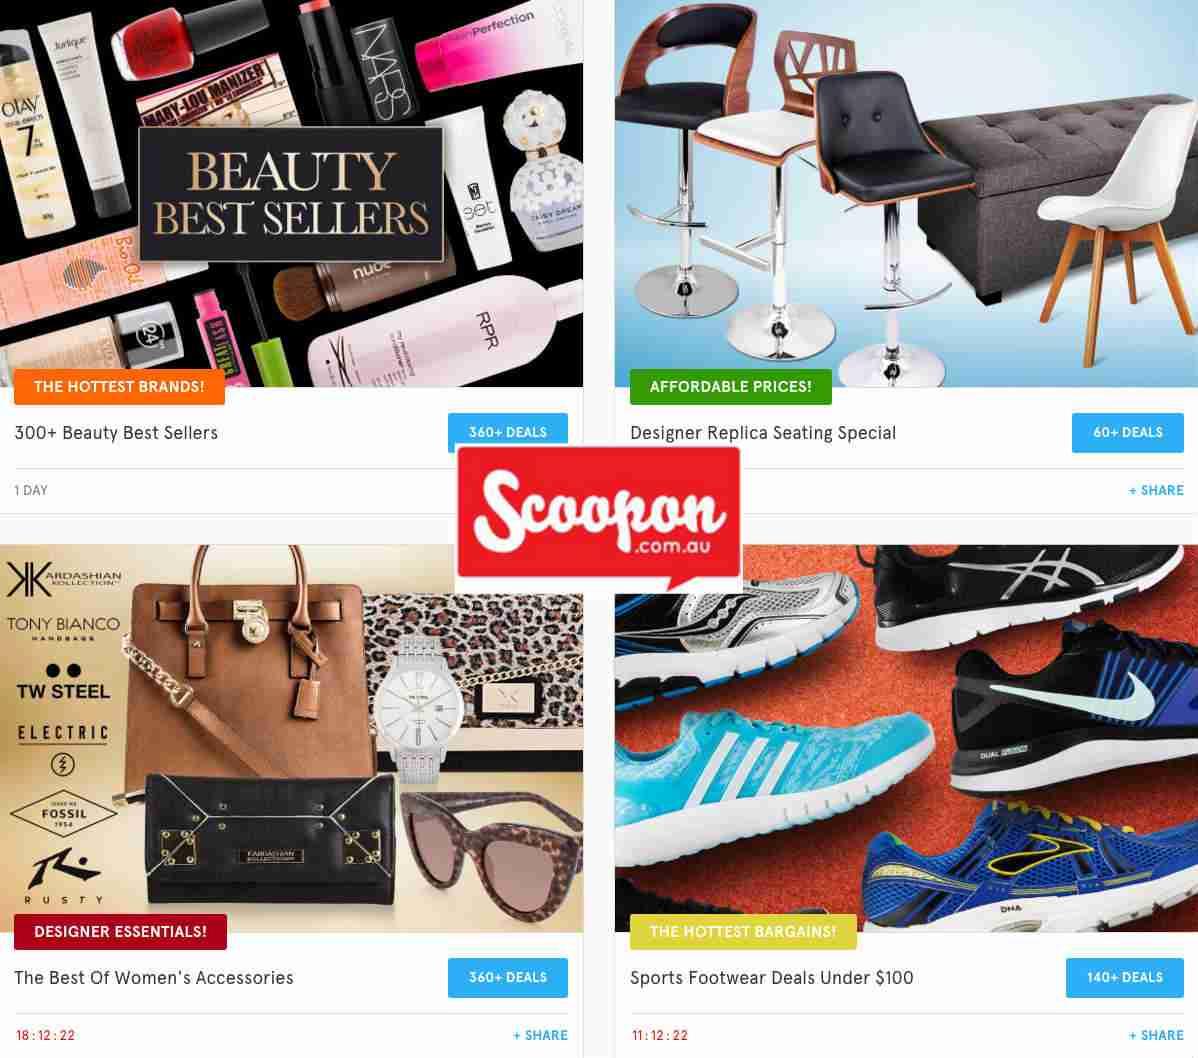 在团购网站 Scoopon 购物满$70,免邮费!